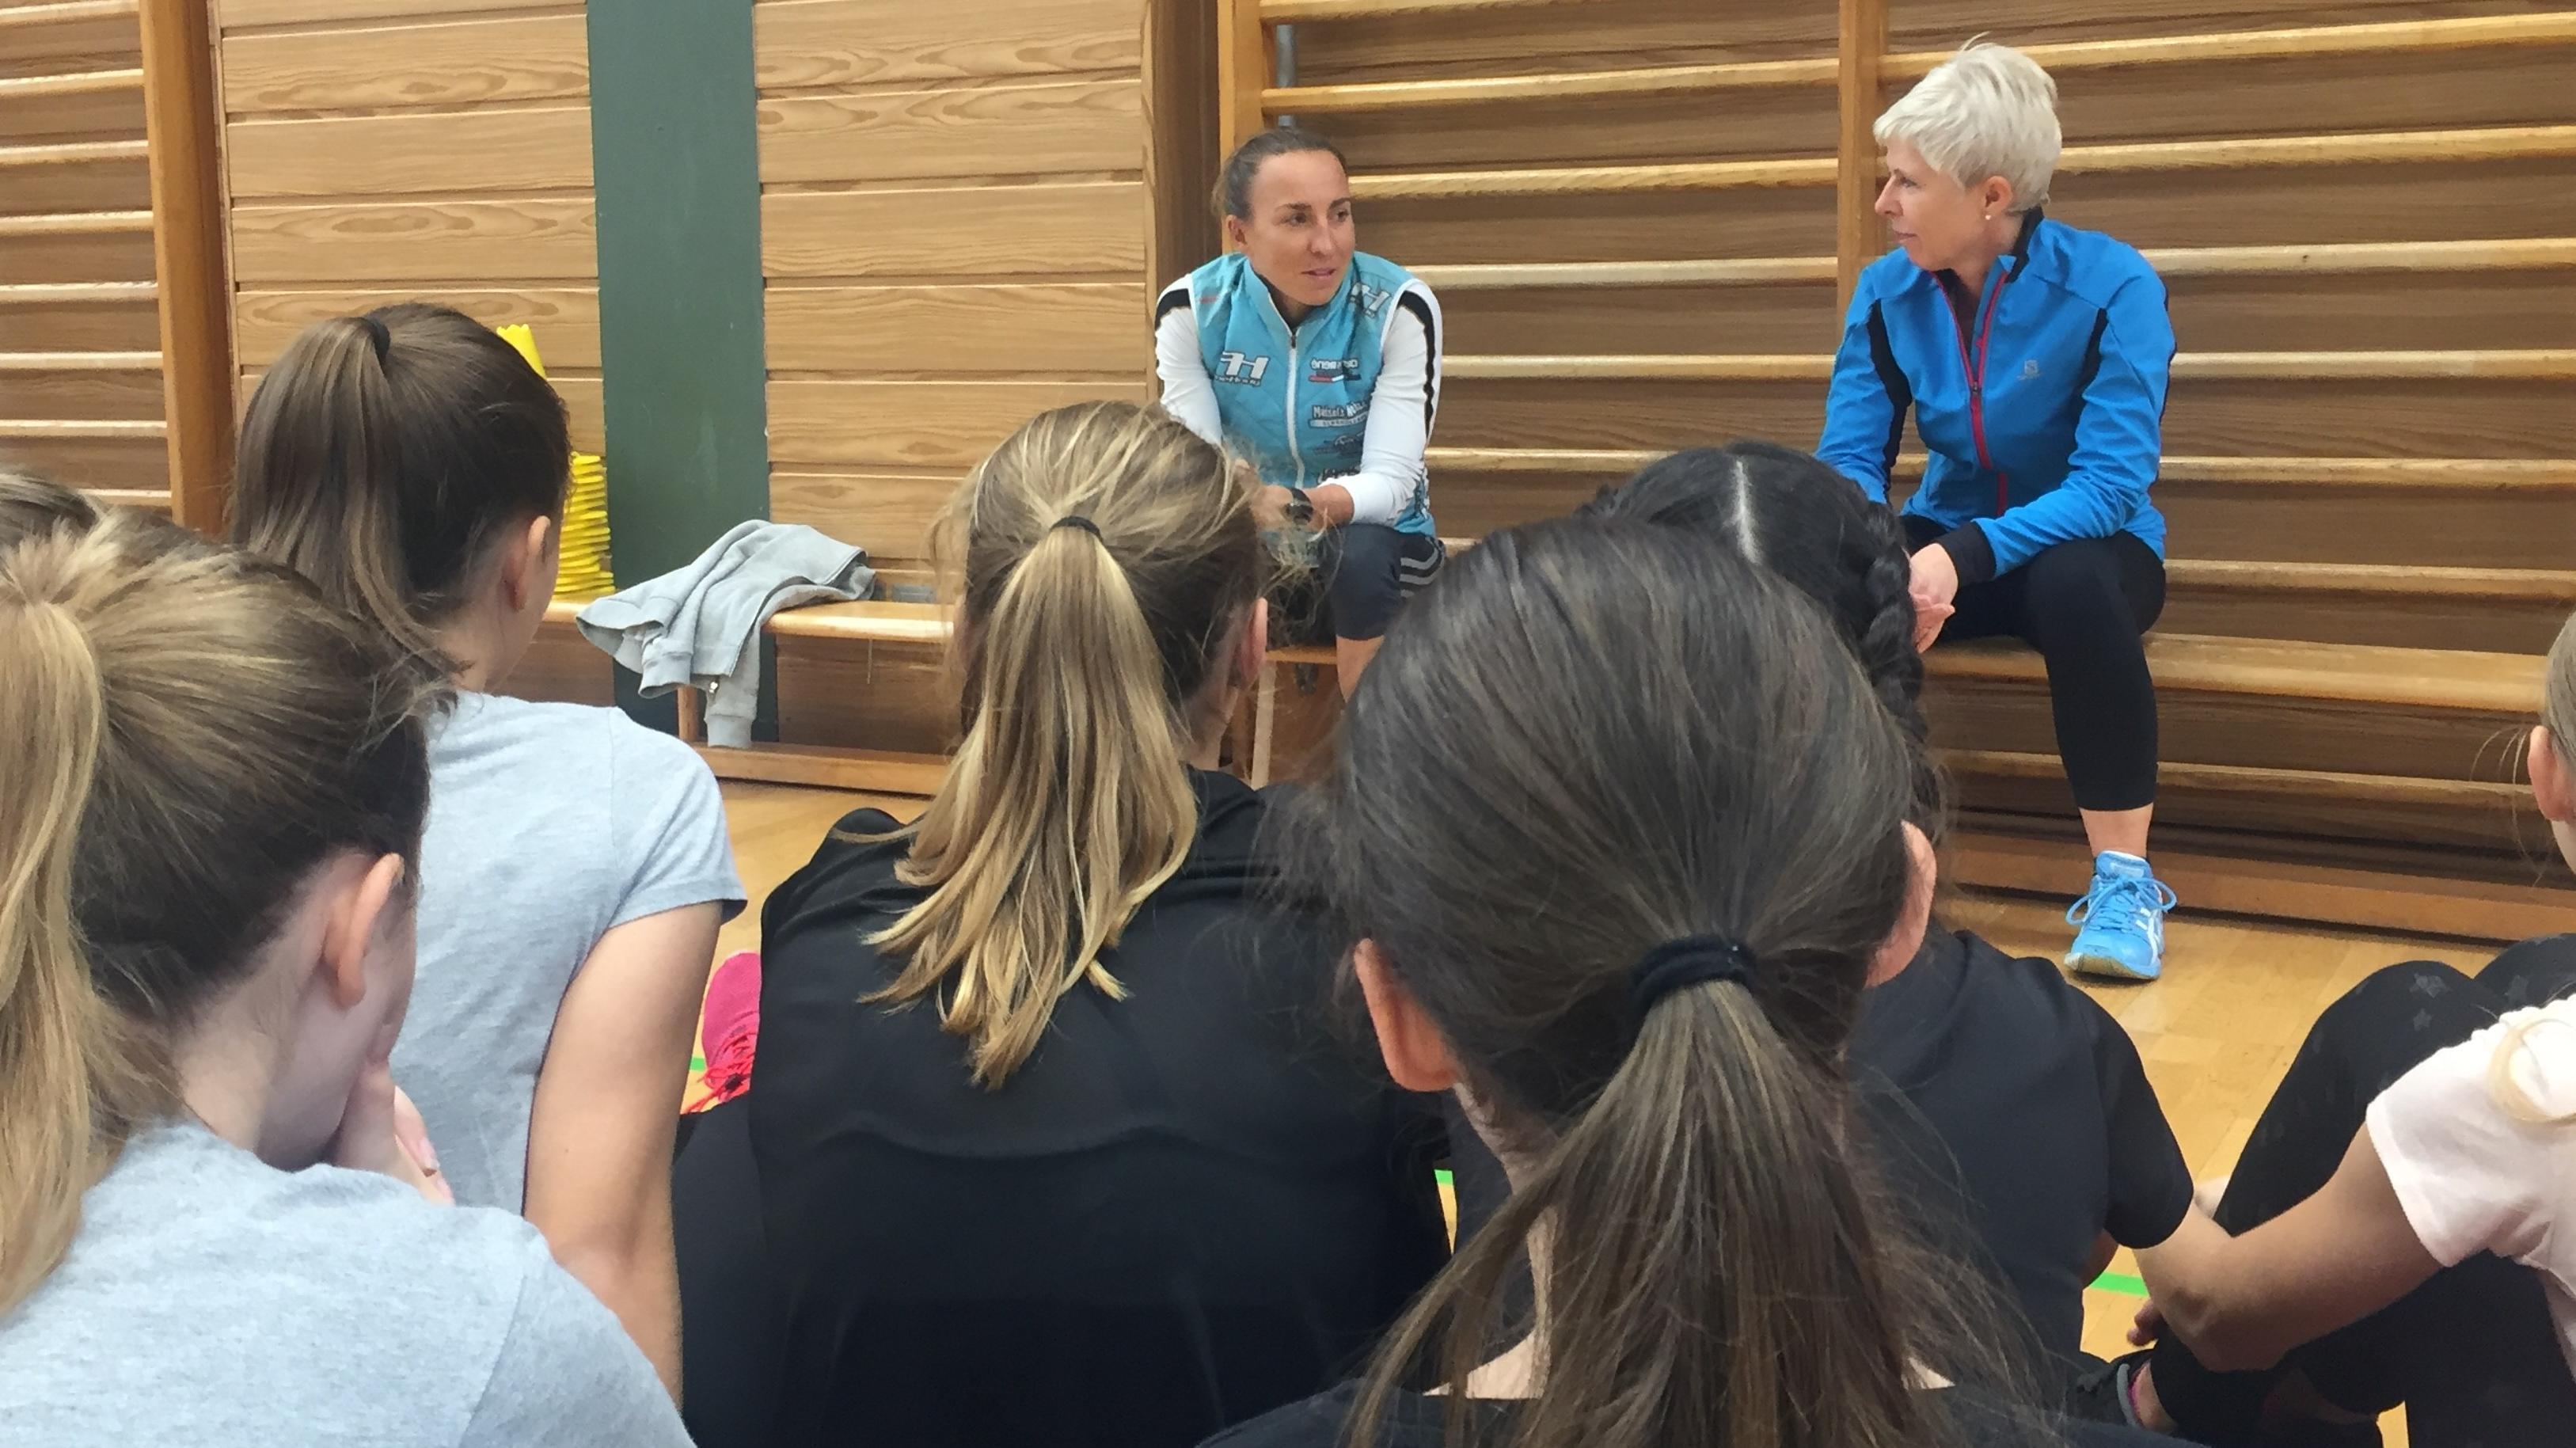 Anne Haug begrüßt die Schülerinnen zur Sportstunde.